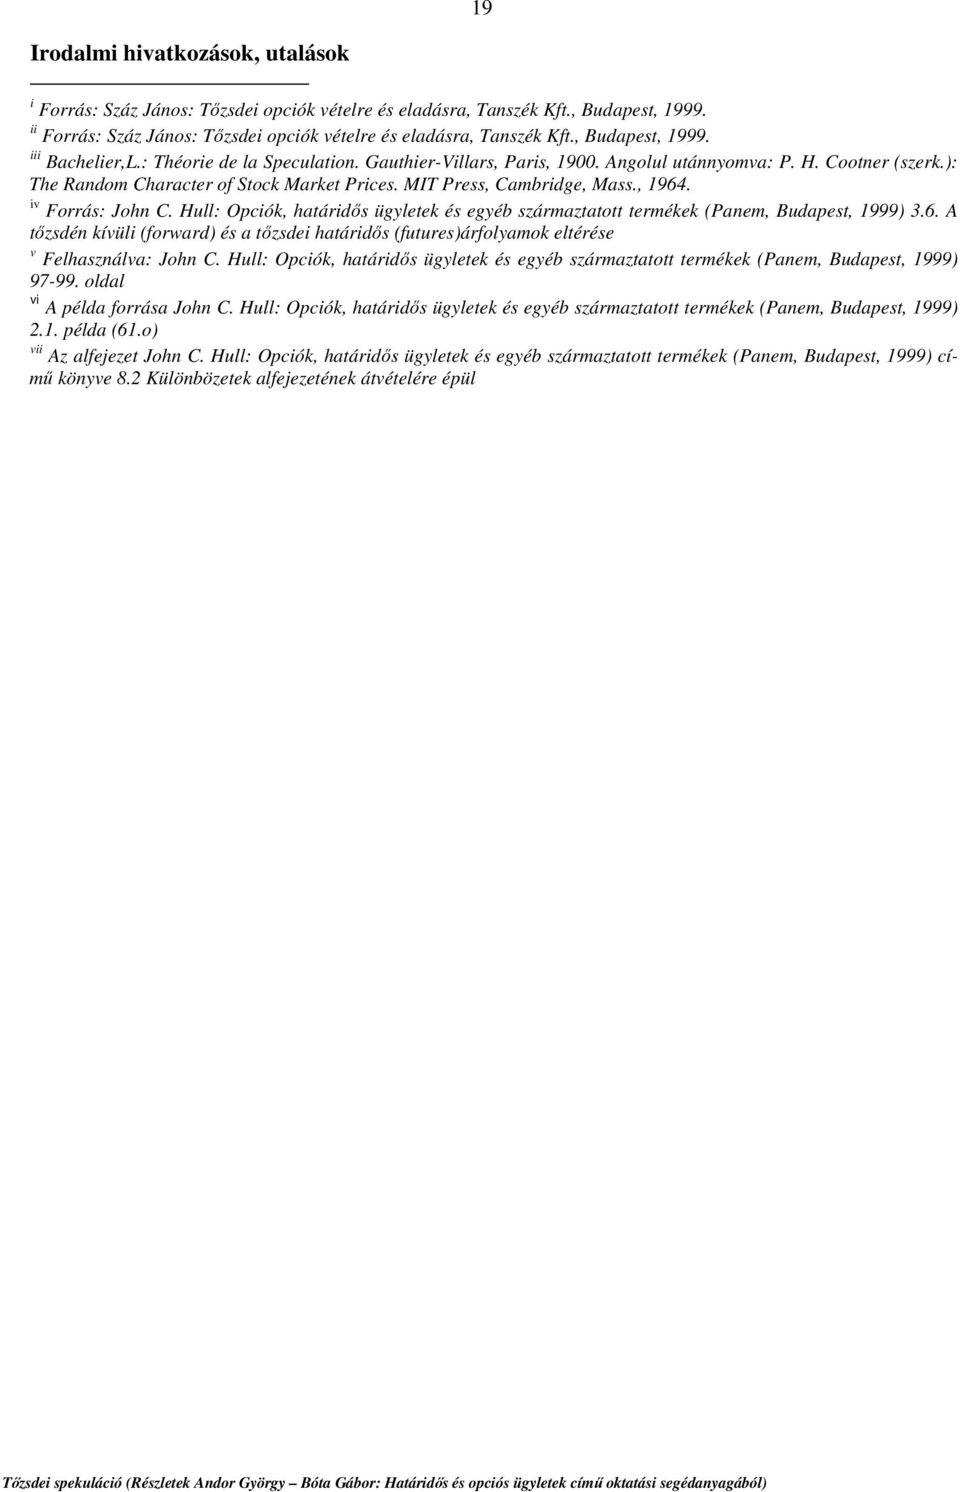 Opciók, határidős ügyletek és egyéb származtatott termékek